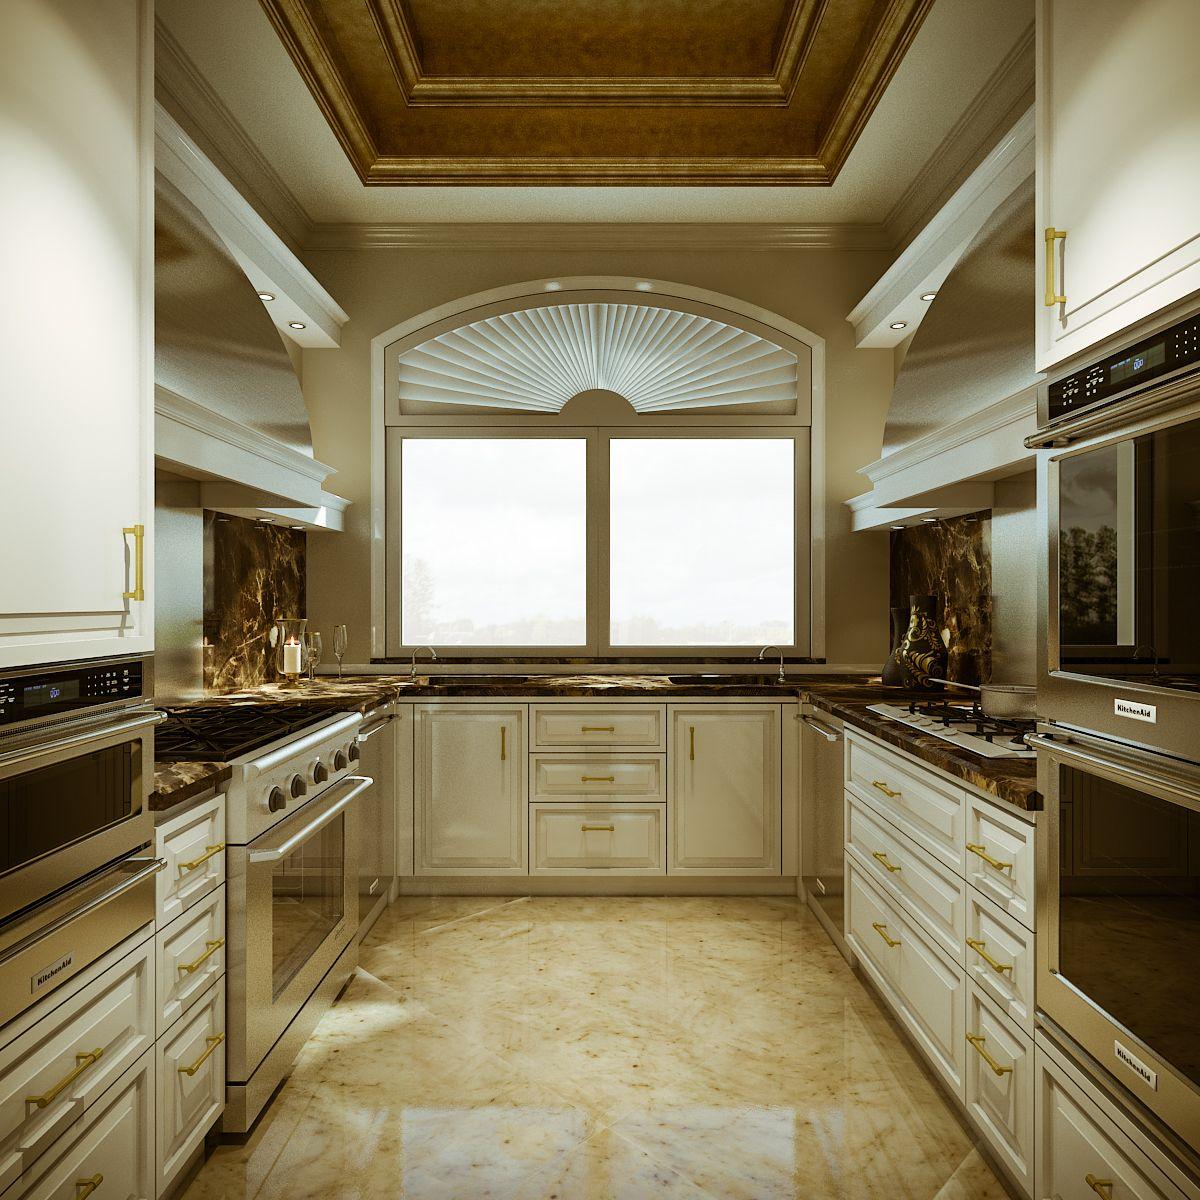 Family Home Kitchen - NY 298